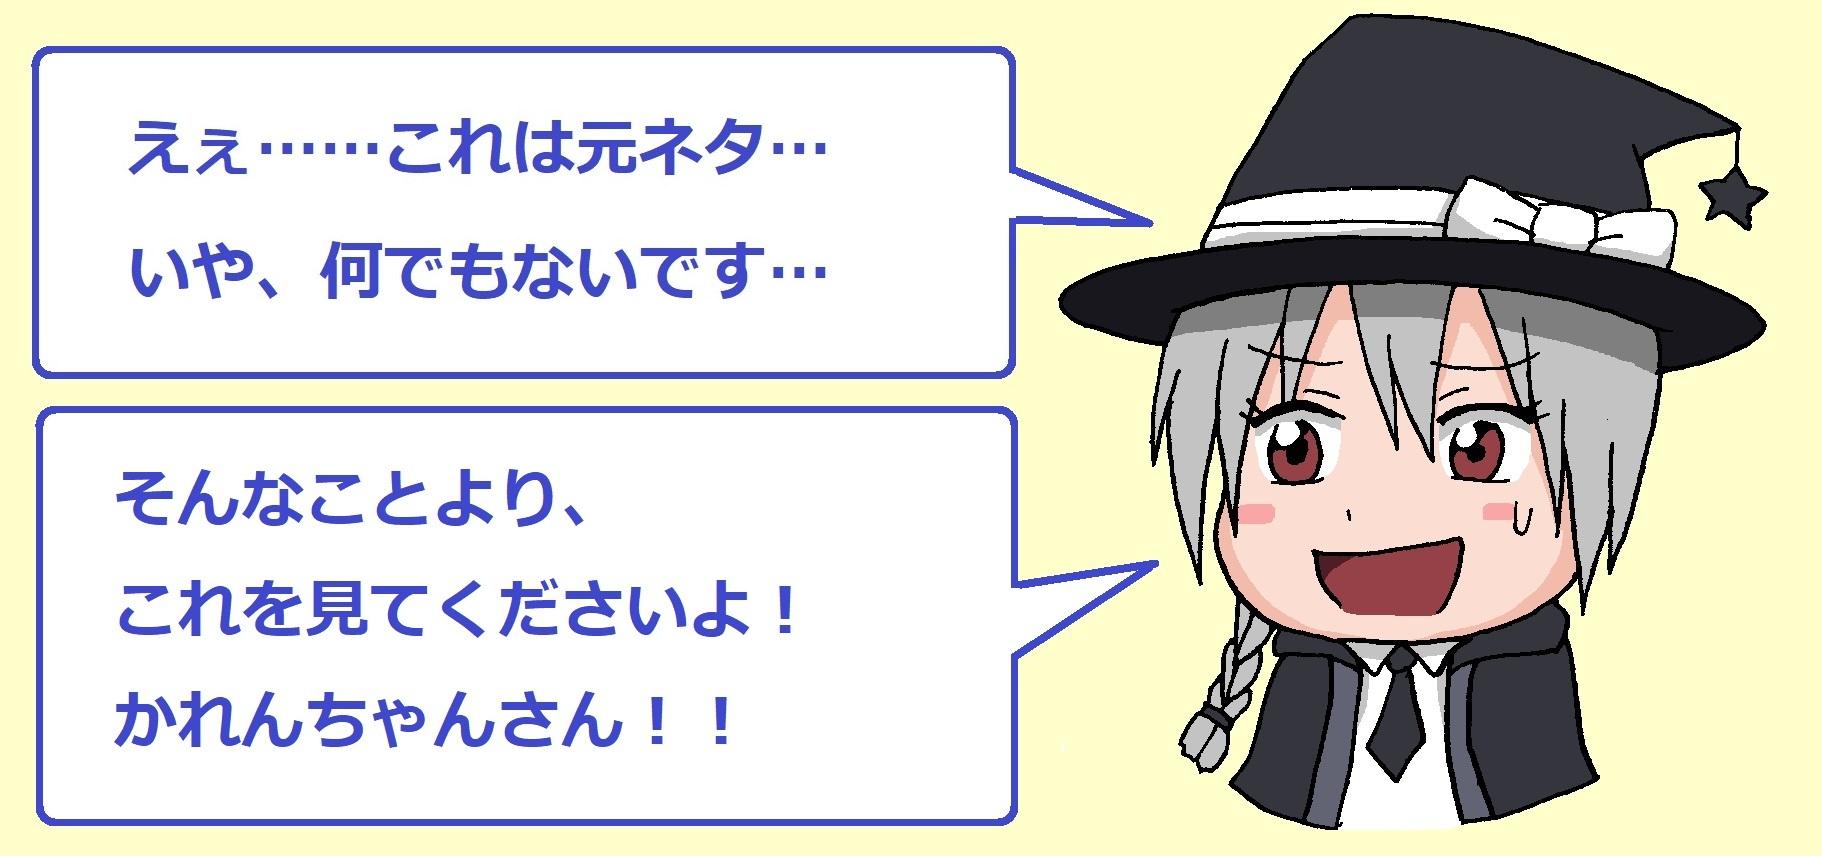 かれぷそ会話22